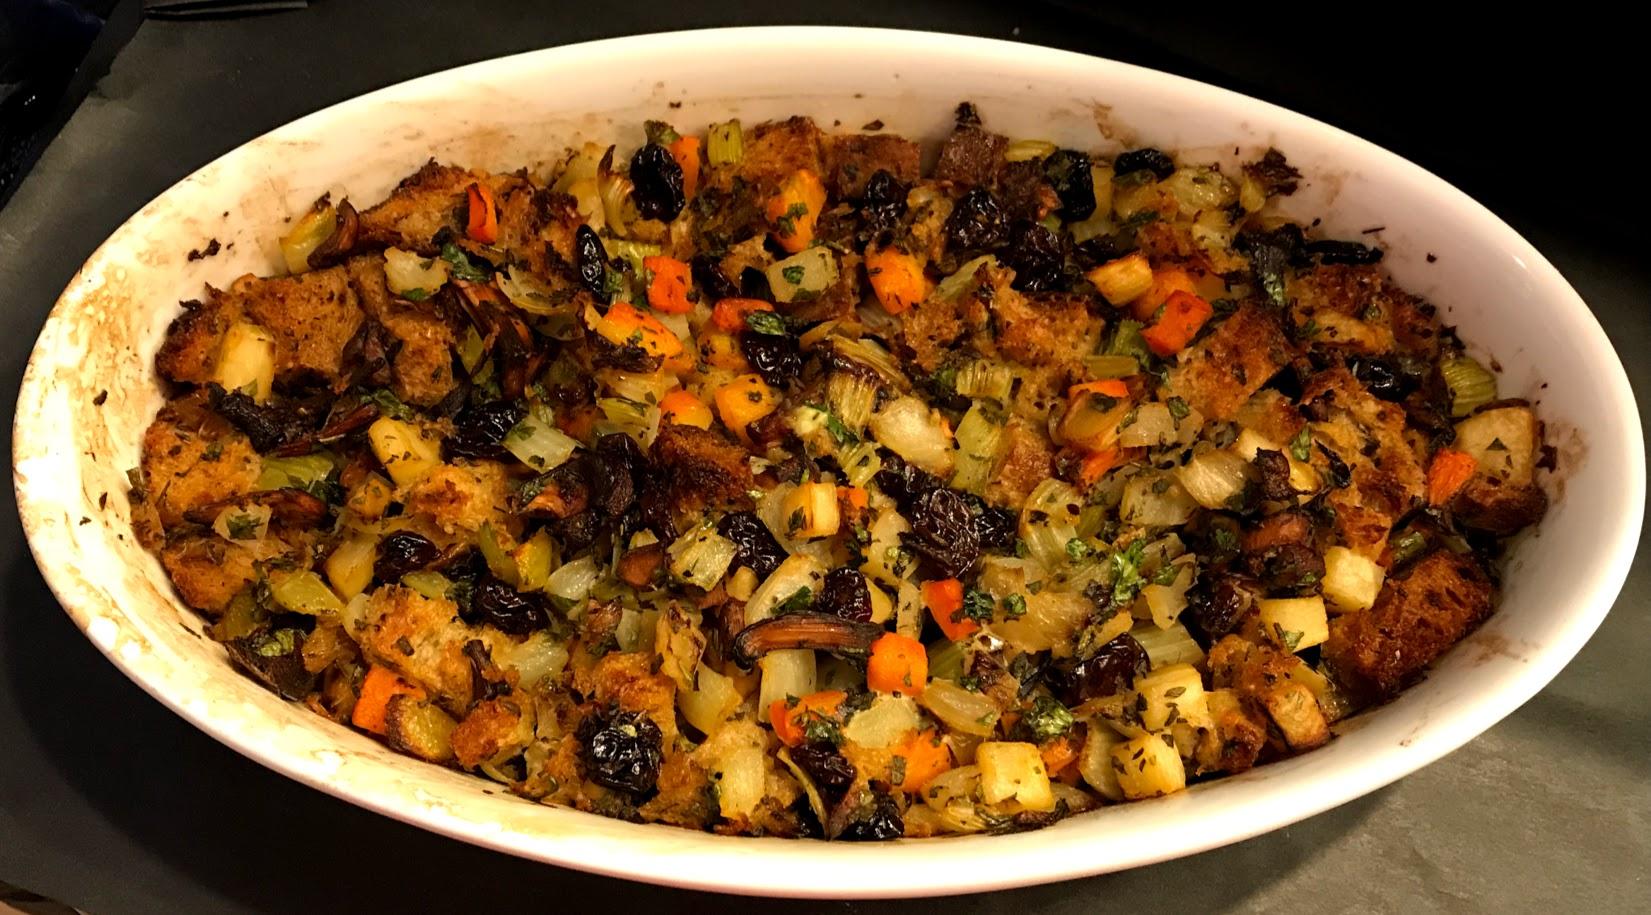 Turkey stuffing in casserole.jpg